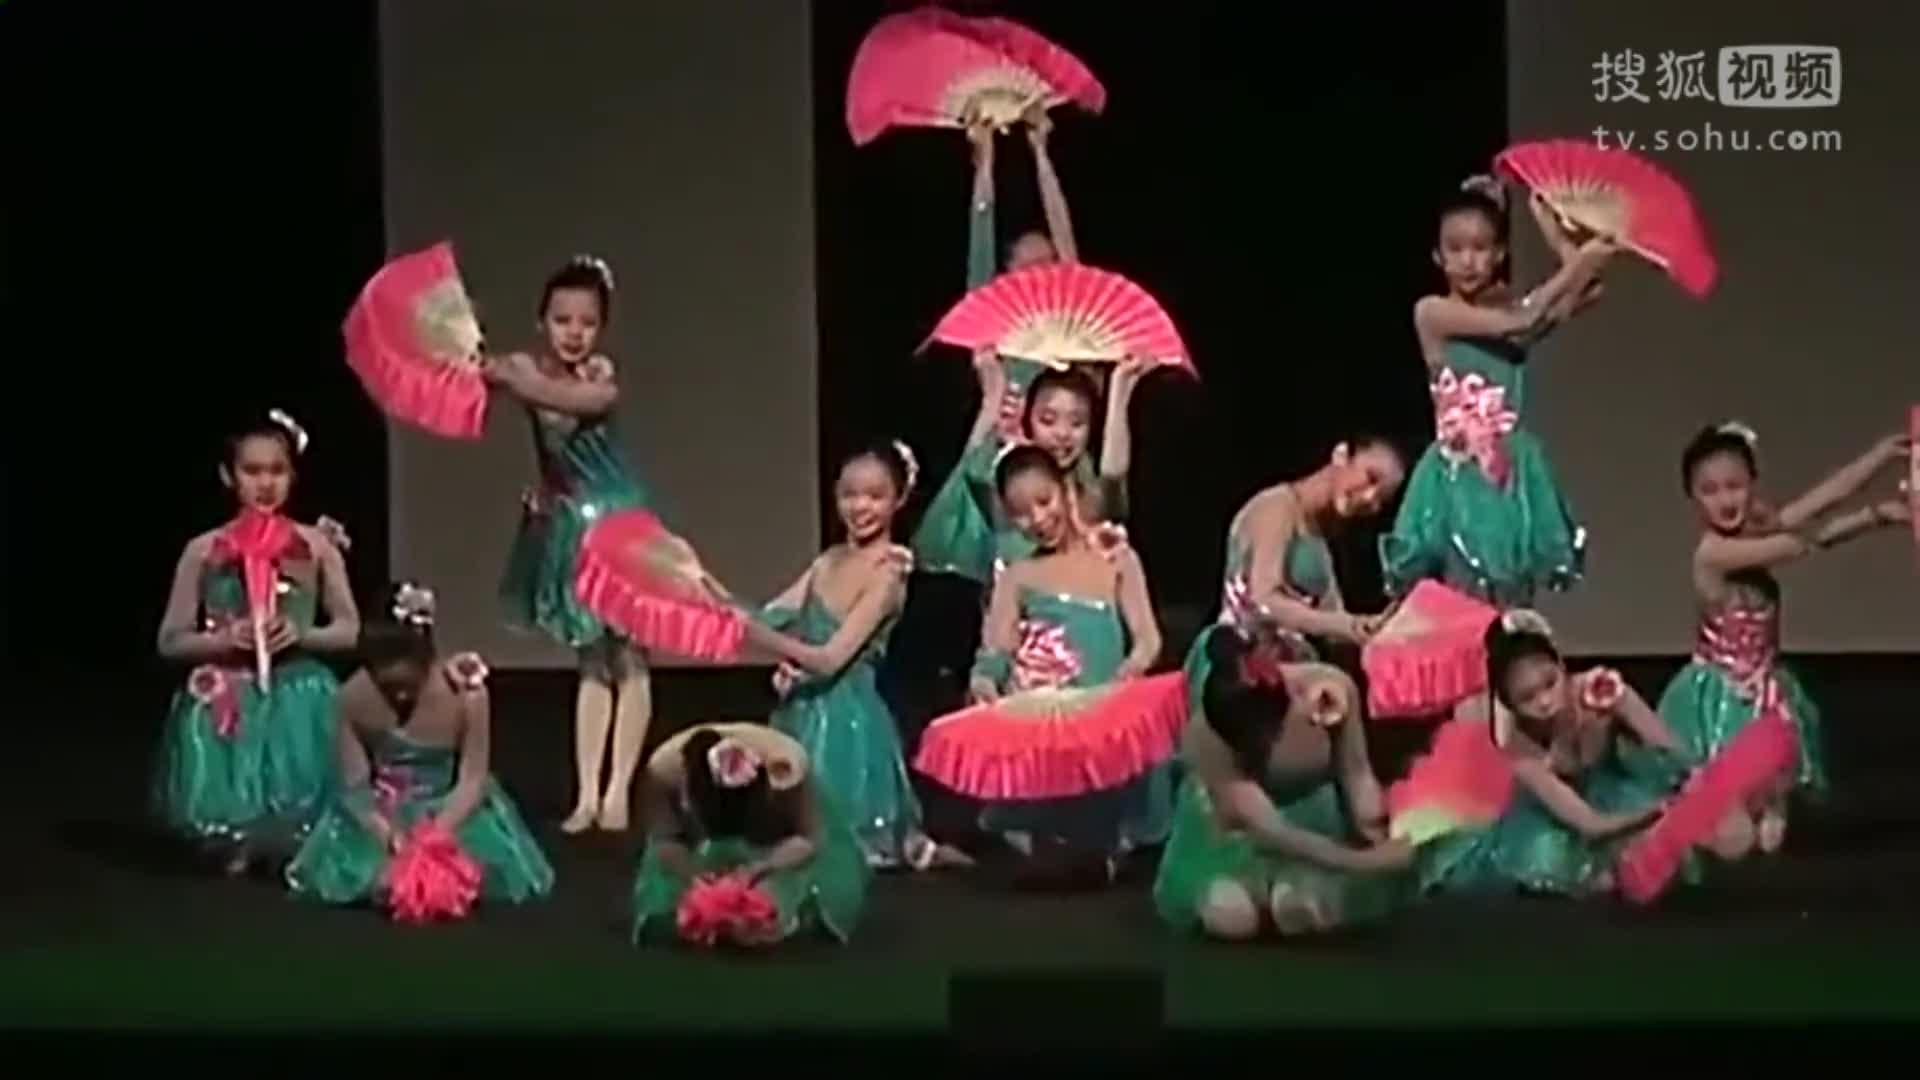 可爱娃娃舞蹈最后造型